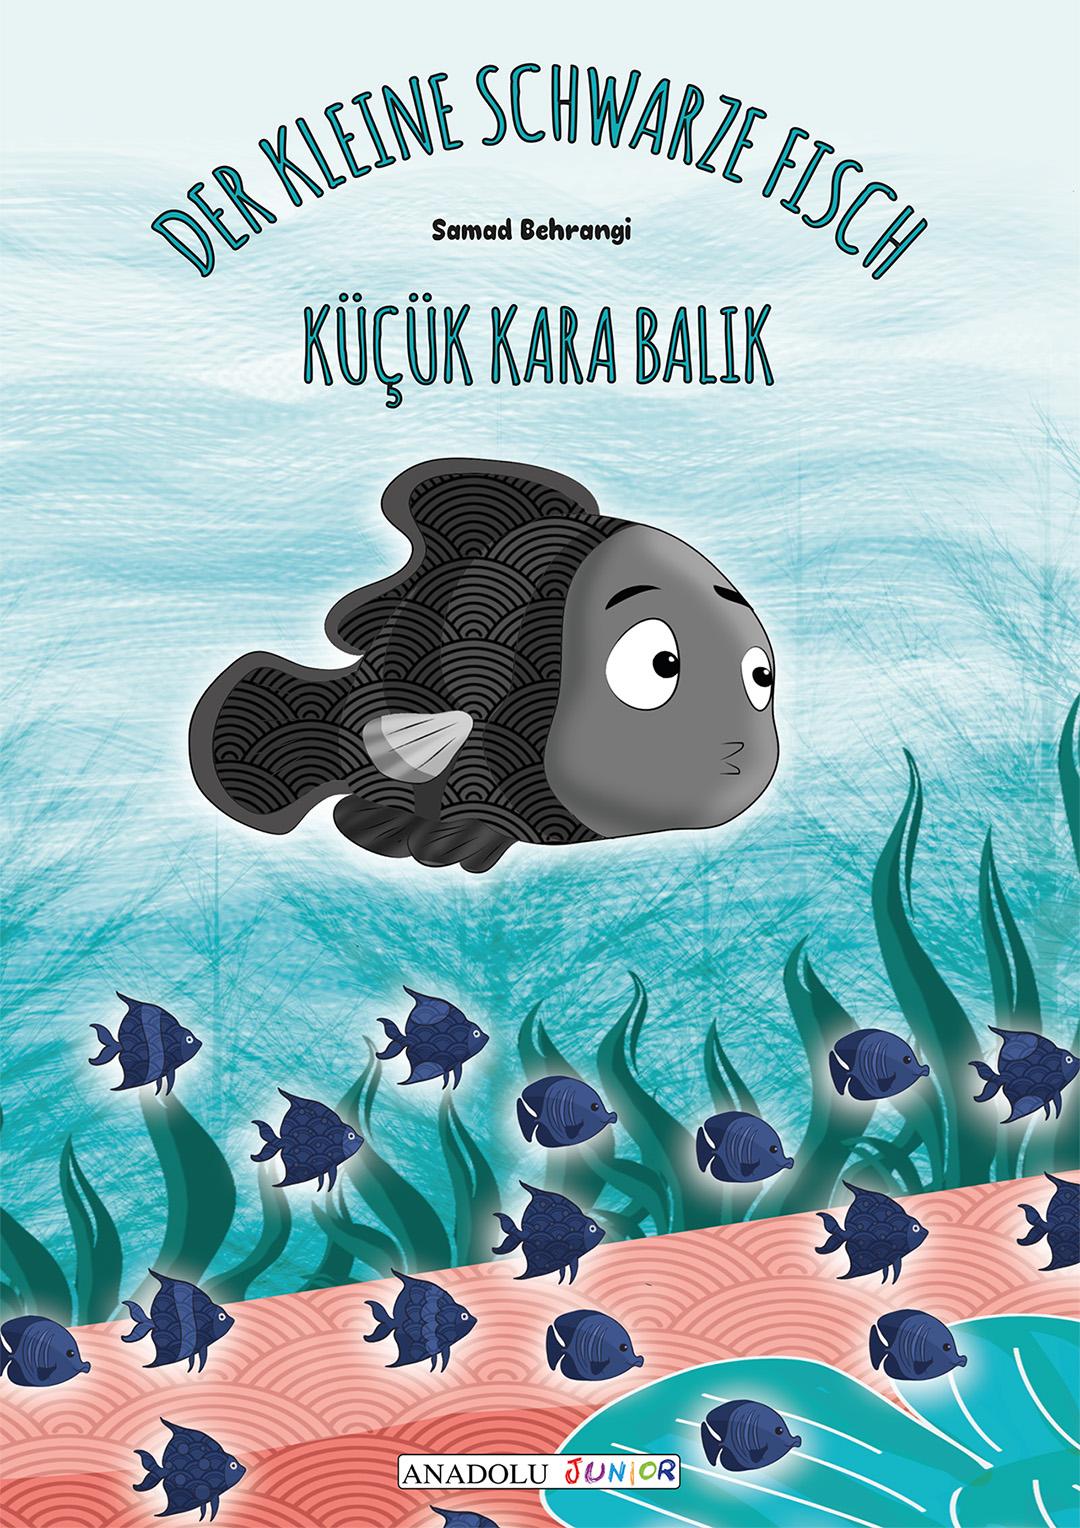 Der kleine schwarze Fisch - Küçük Kara Balık